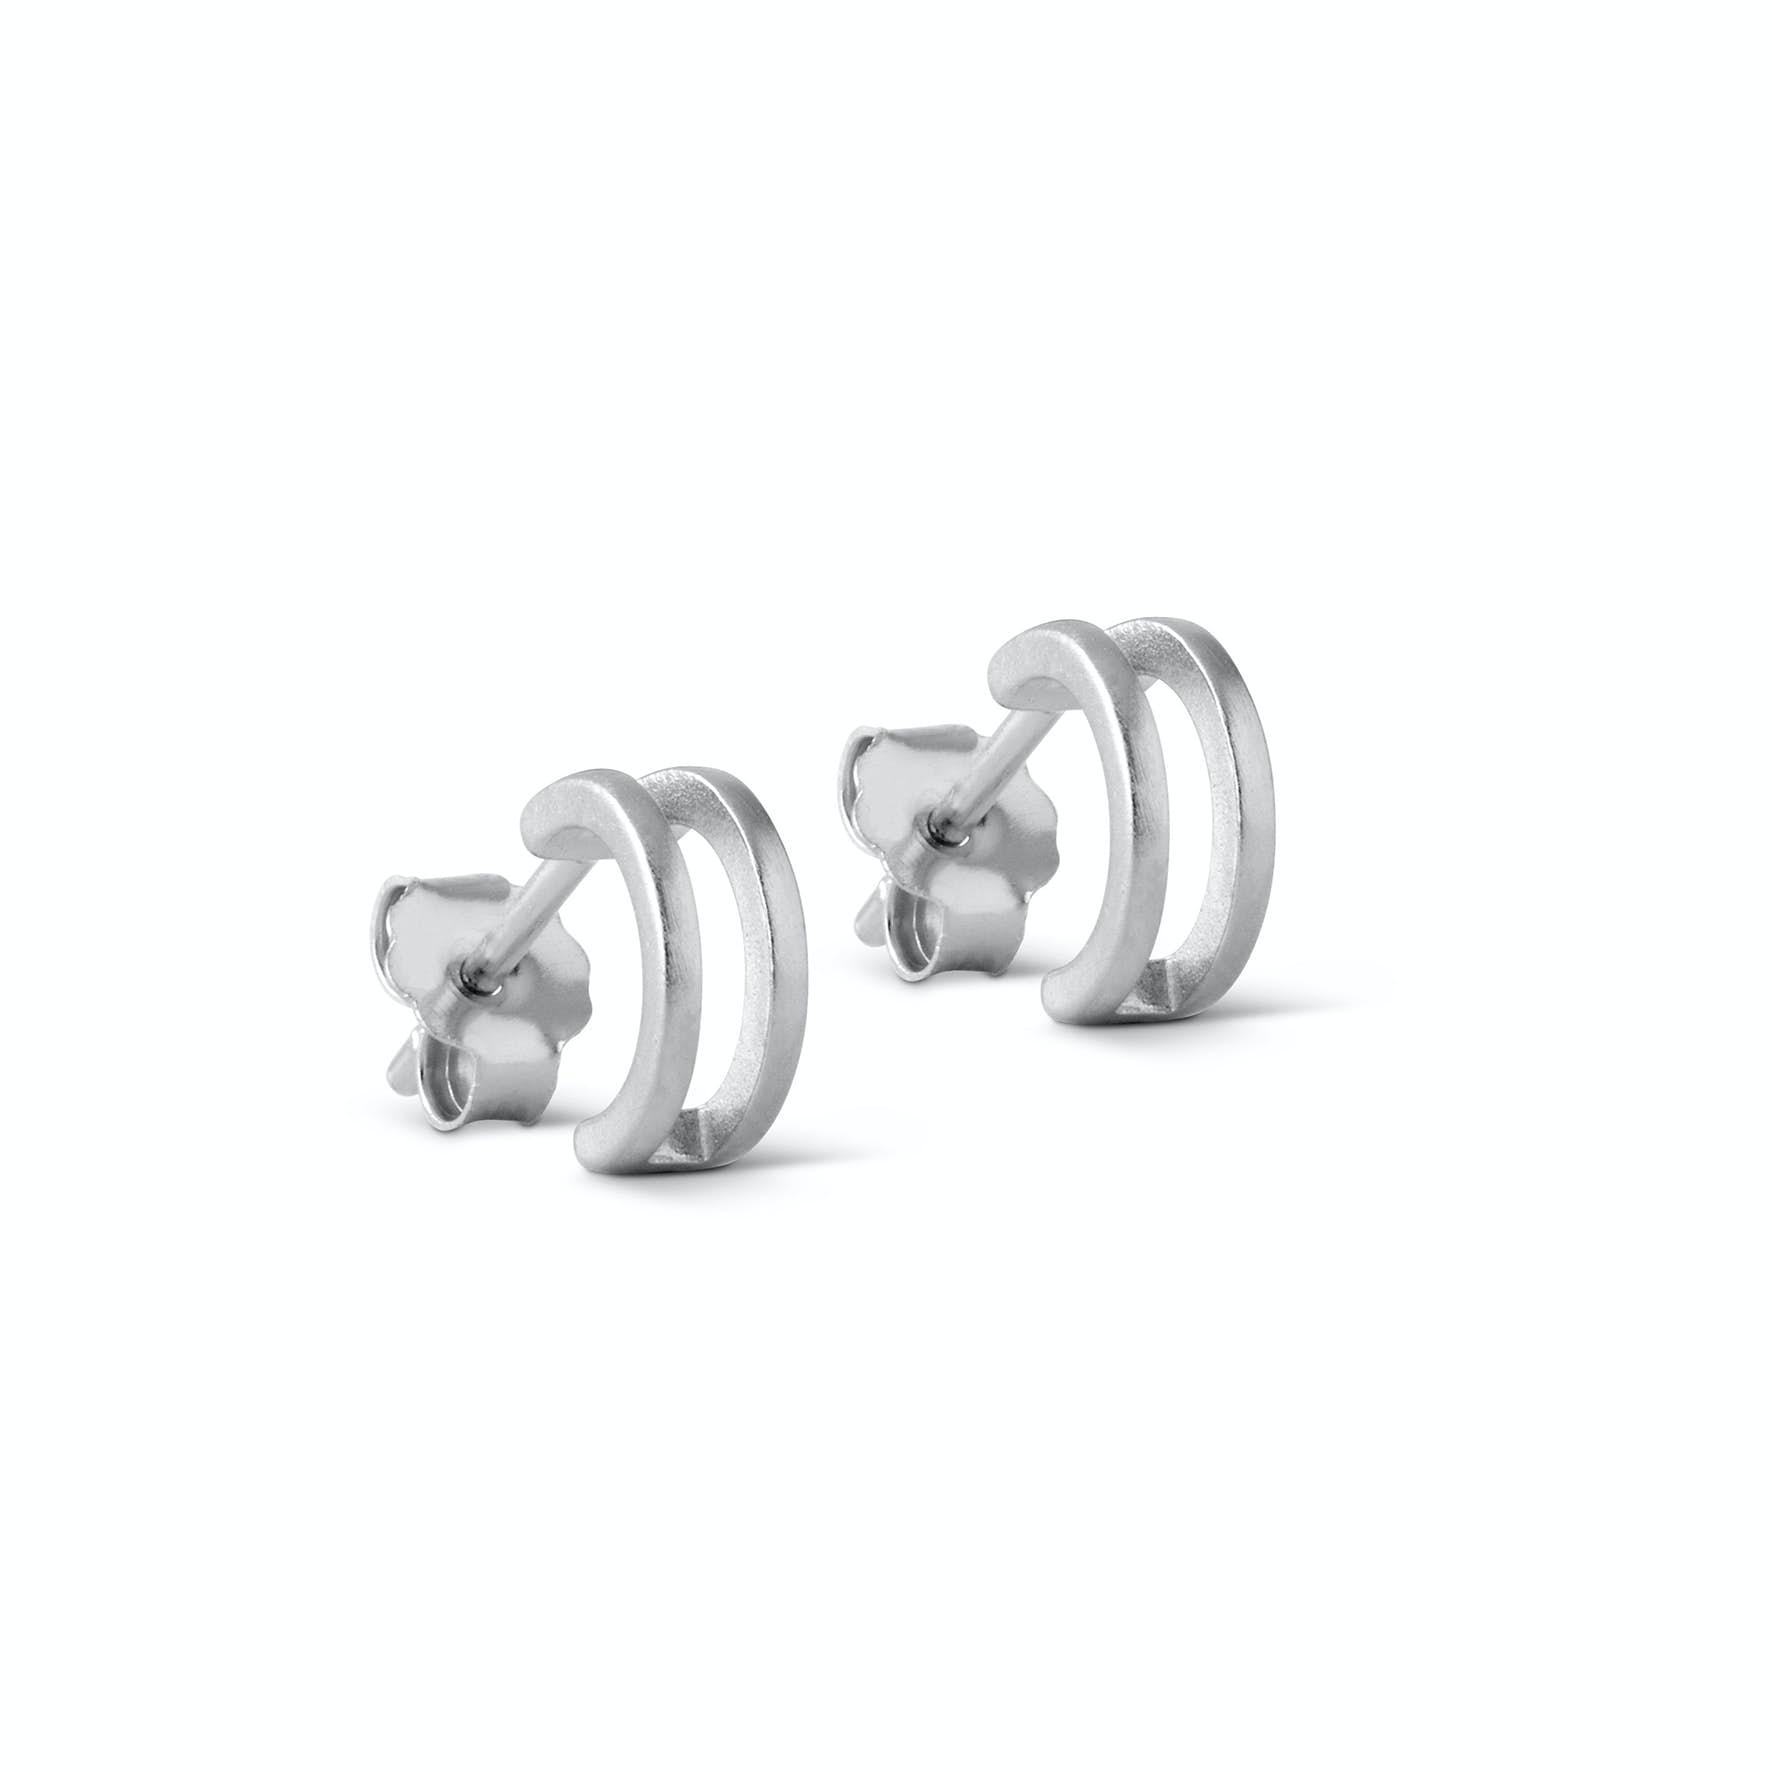 Double Loop Earsticks von Enamel Copenhagen in Silber Sterling 925